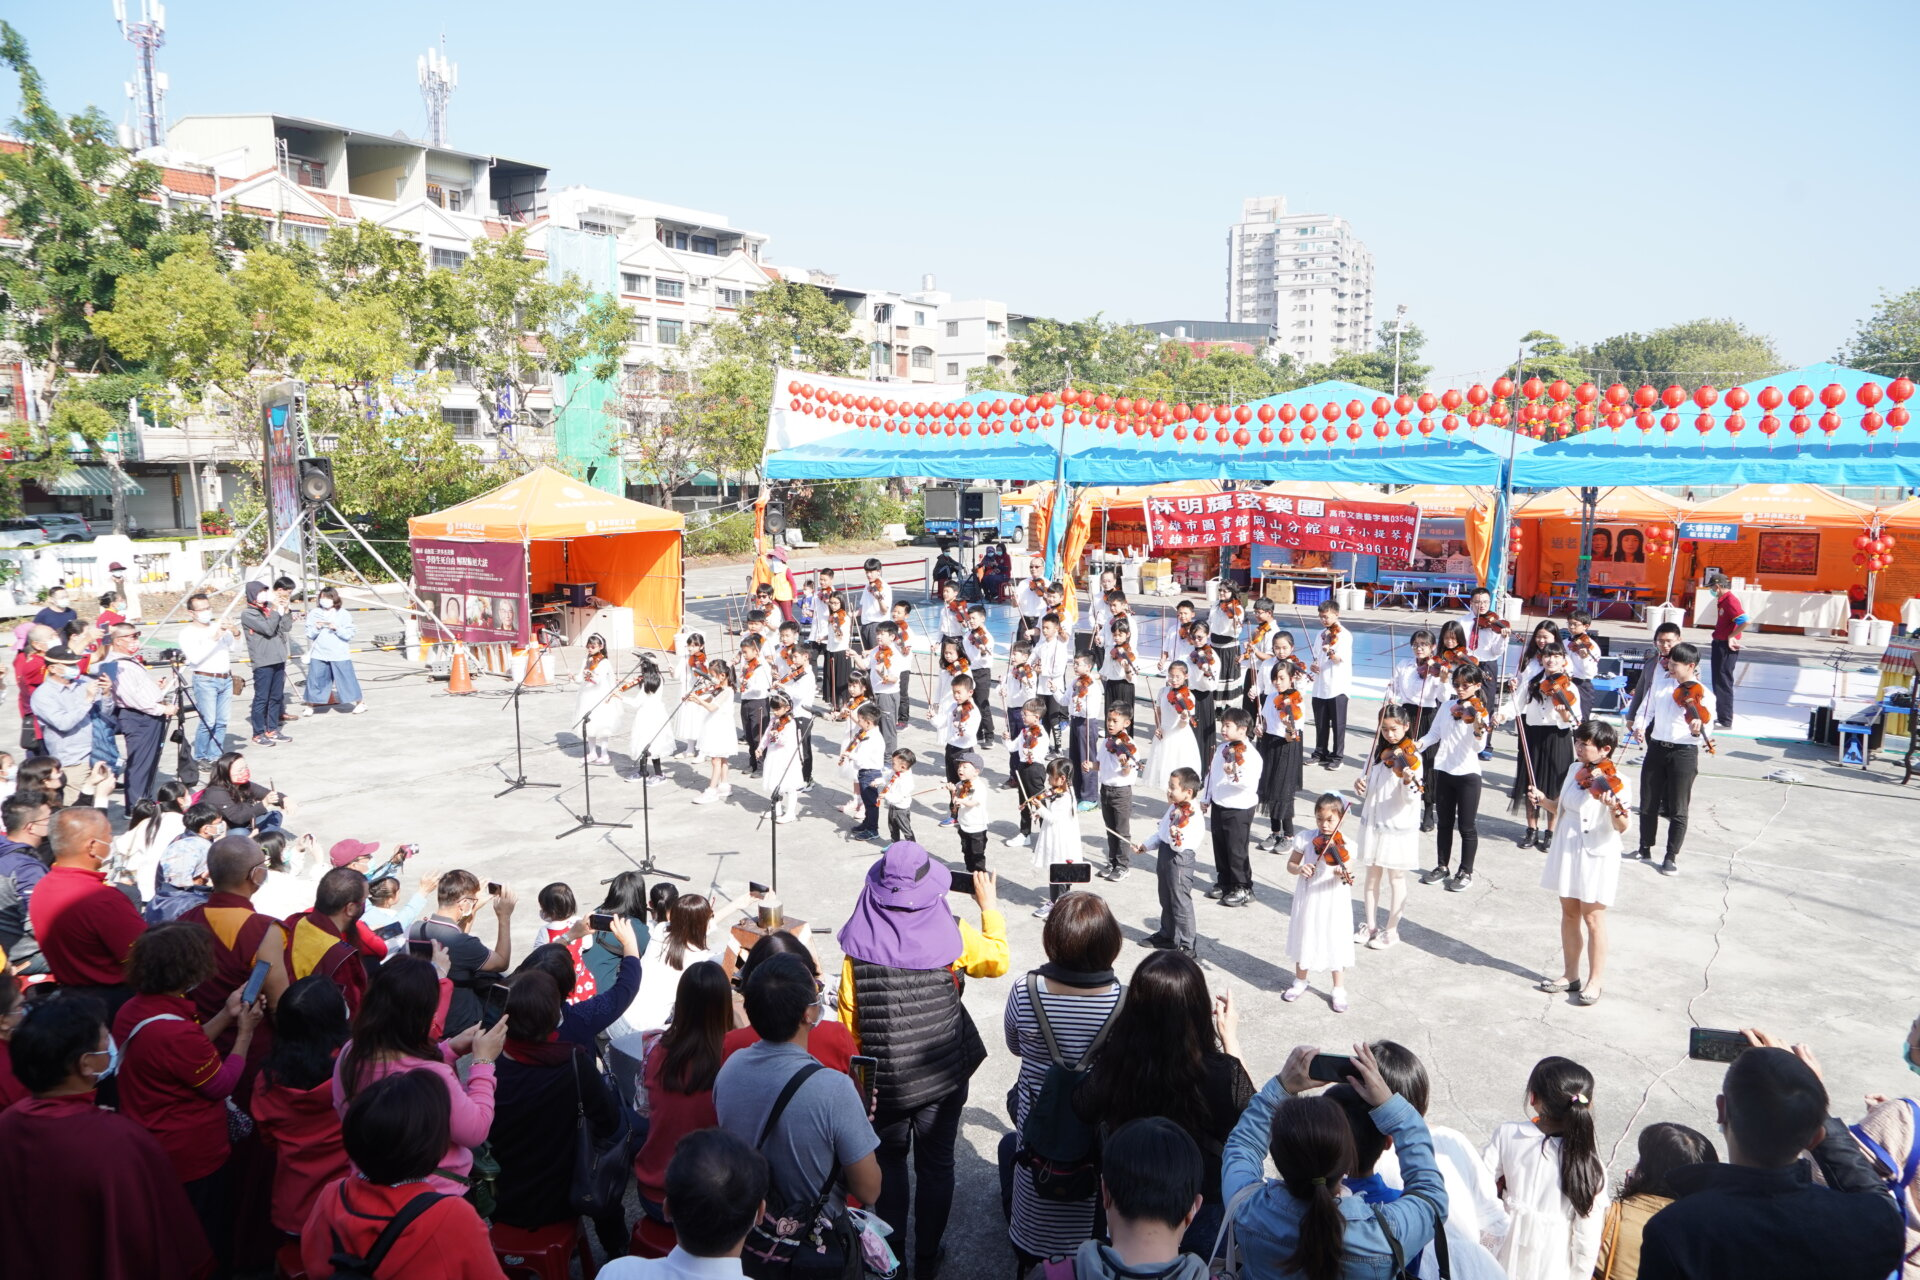 行動佛殿 樂藝供佛 愛樂喜樂林明輝弦樂團 號召上百位學生一起以小提琴演出